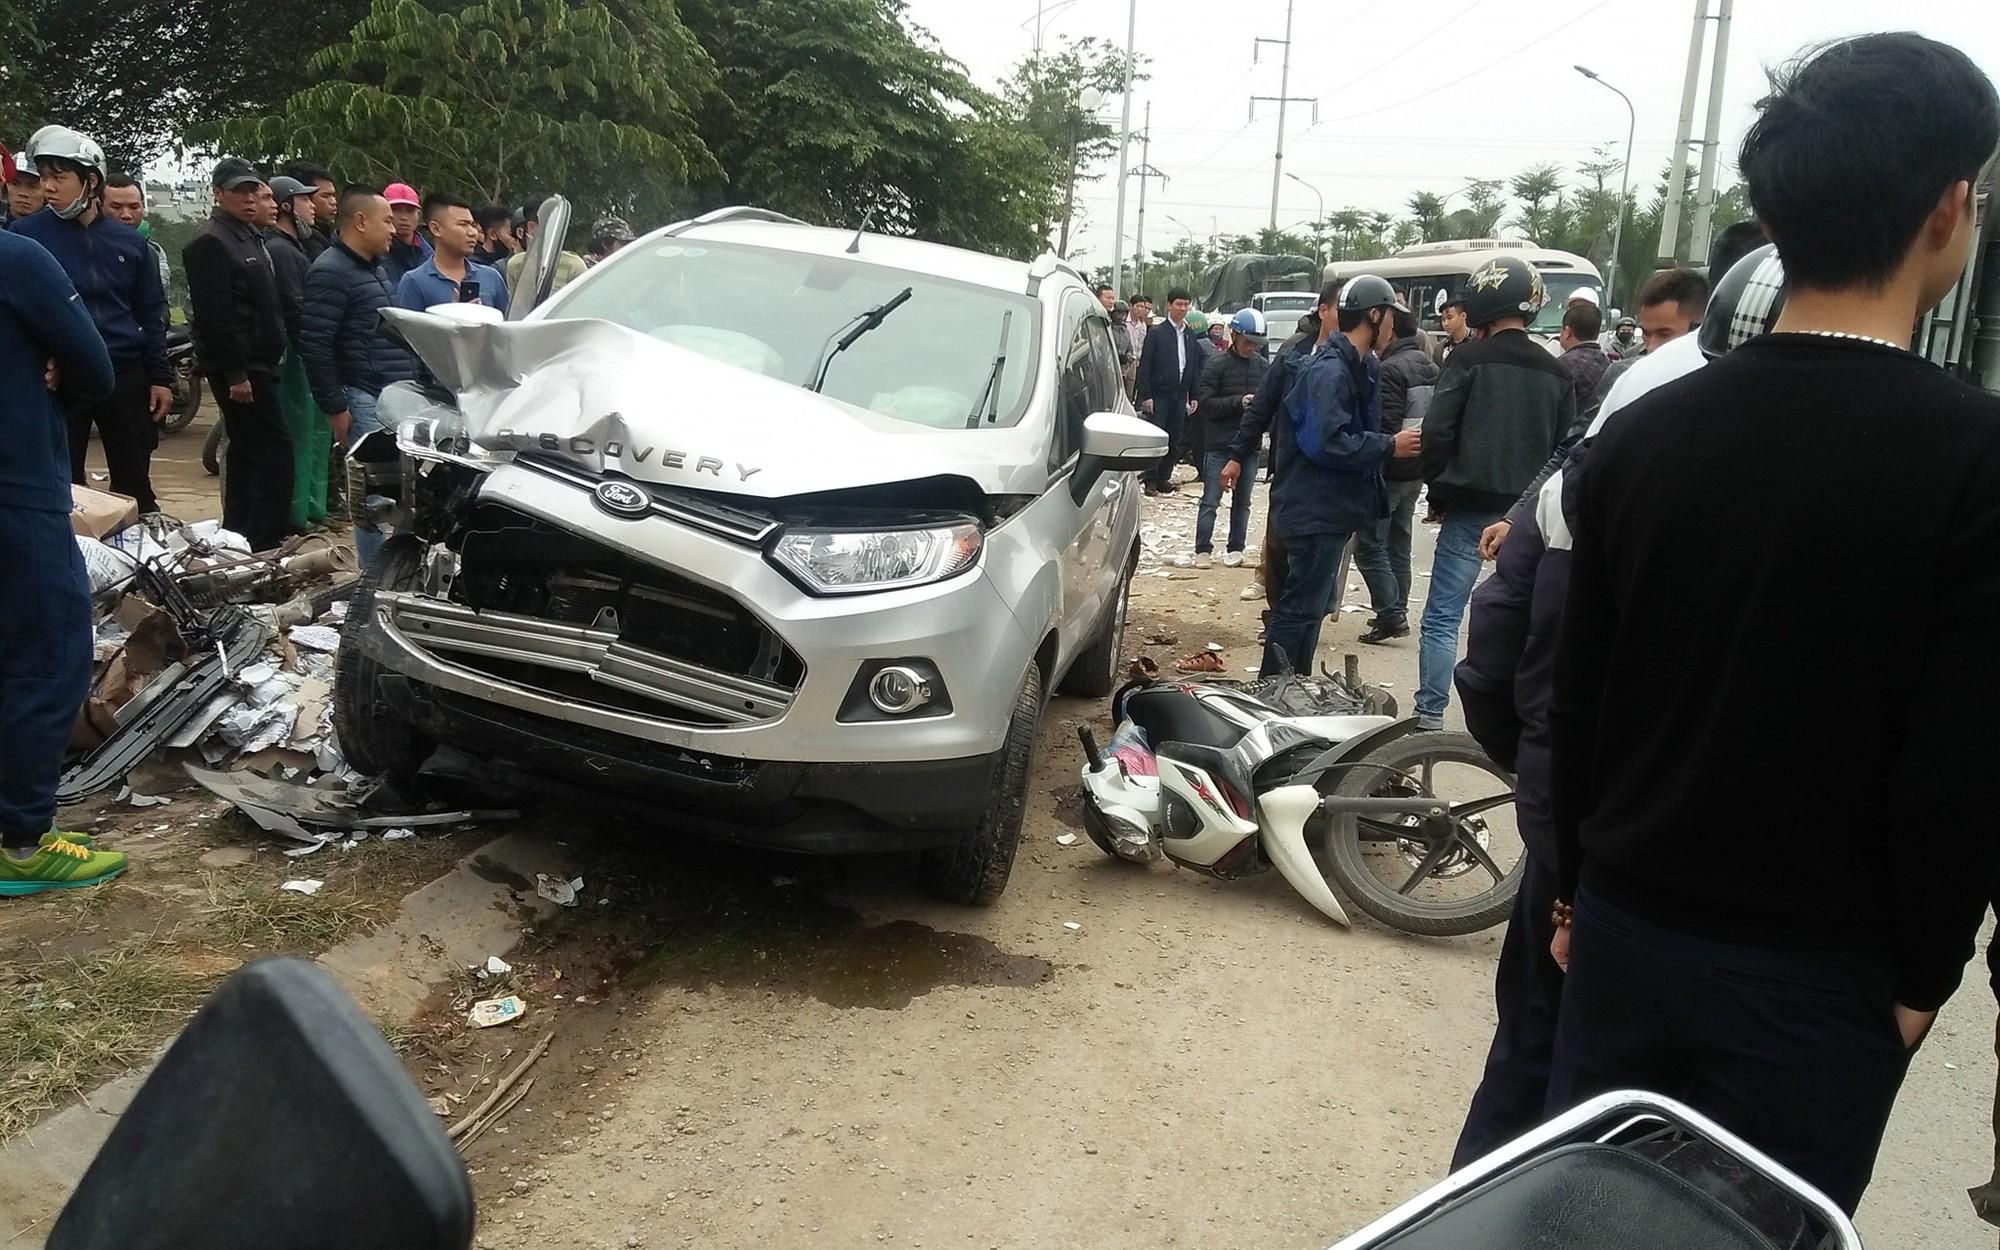 Hà Nội: Kinh hoàng xe điên tông trúng taxi, tiếp tục đâm nhiều xe máy, 3 nạn nhân nhập viện nguy kịch